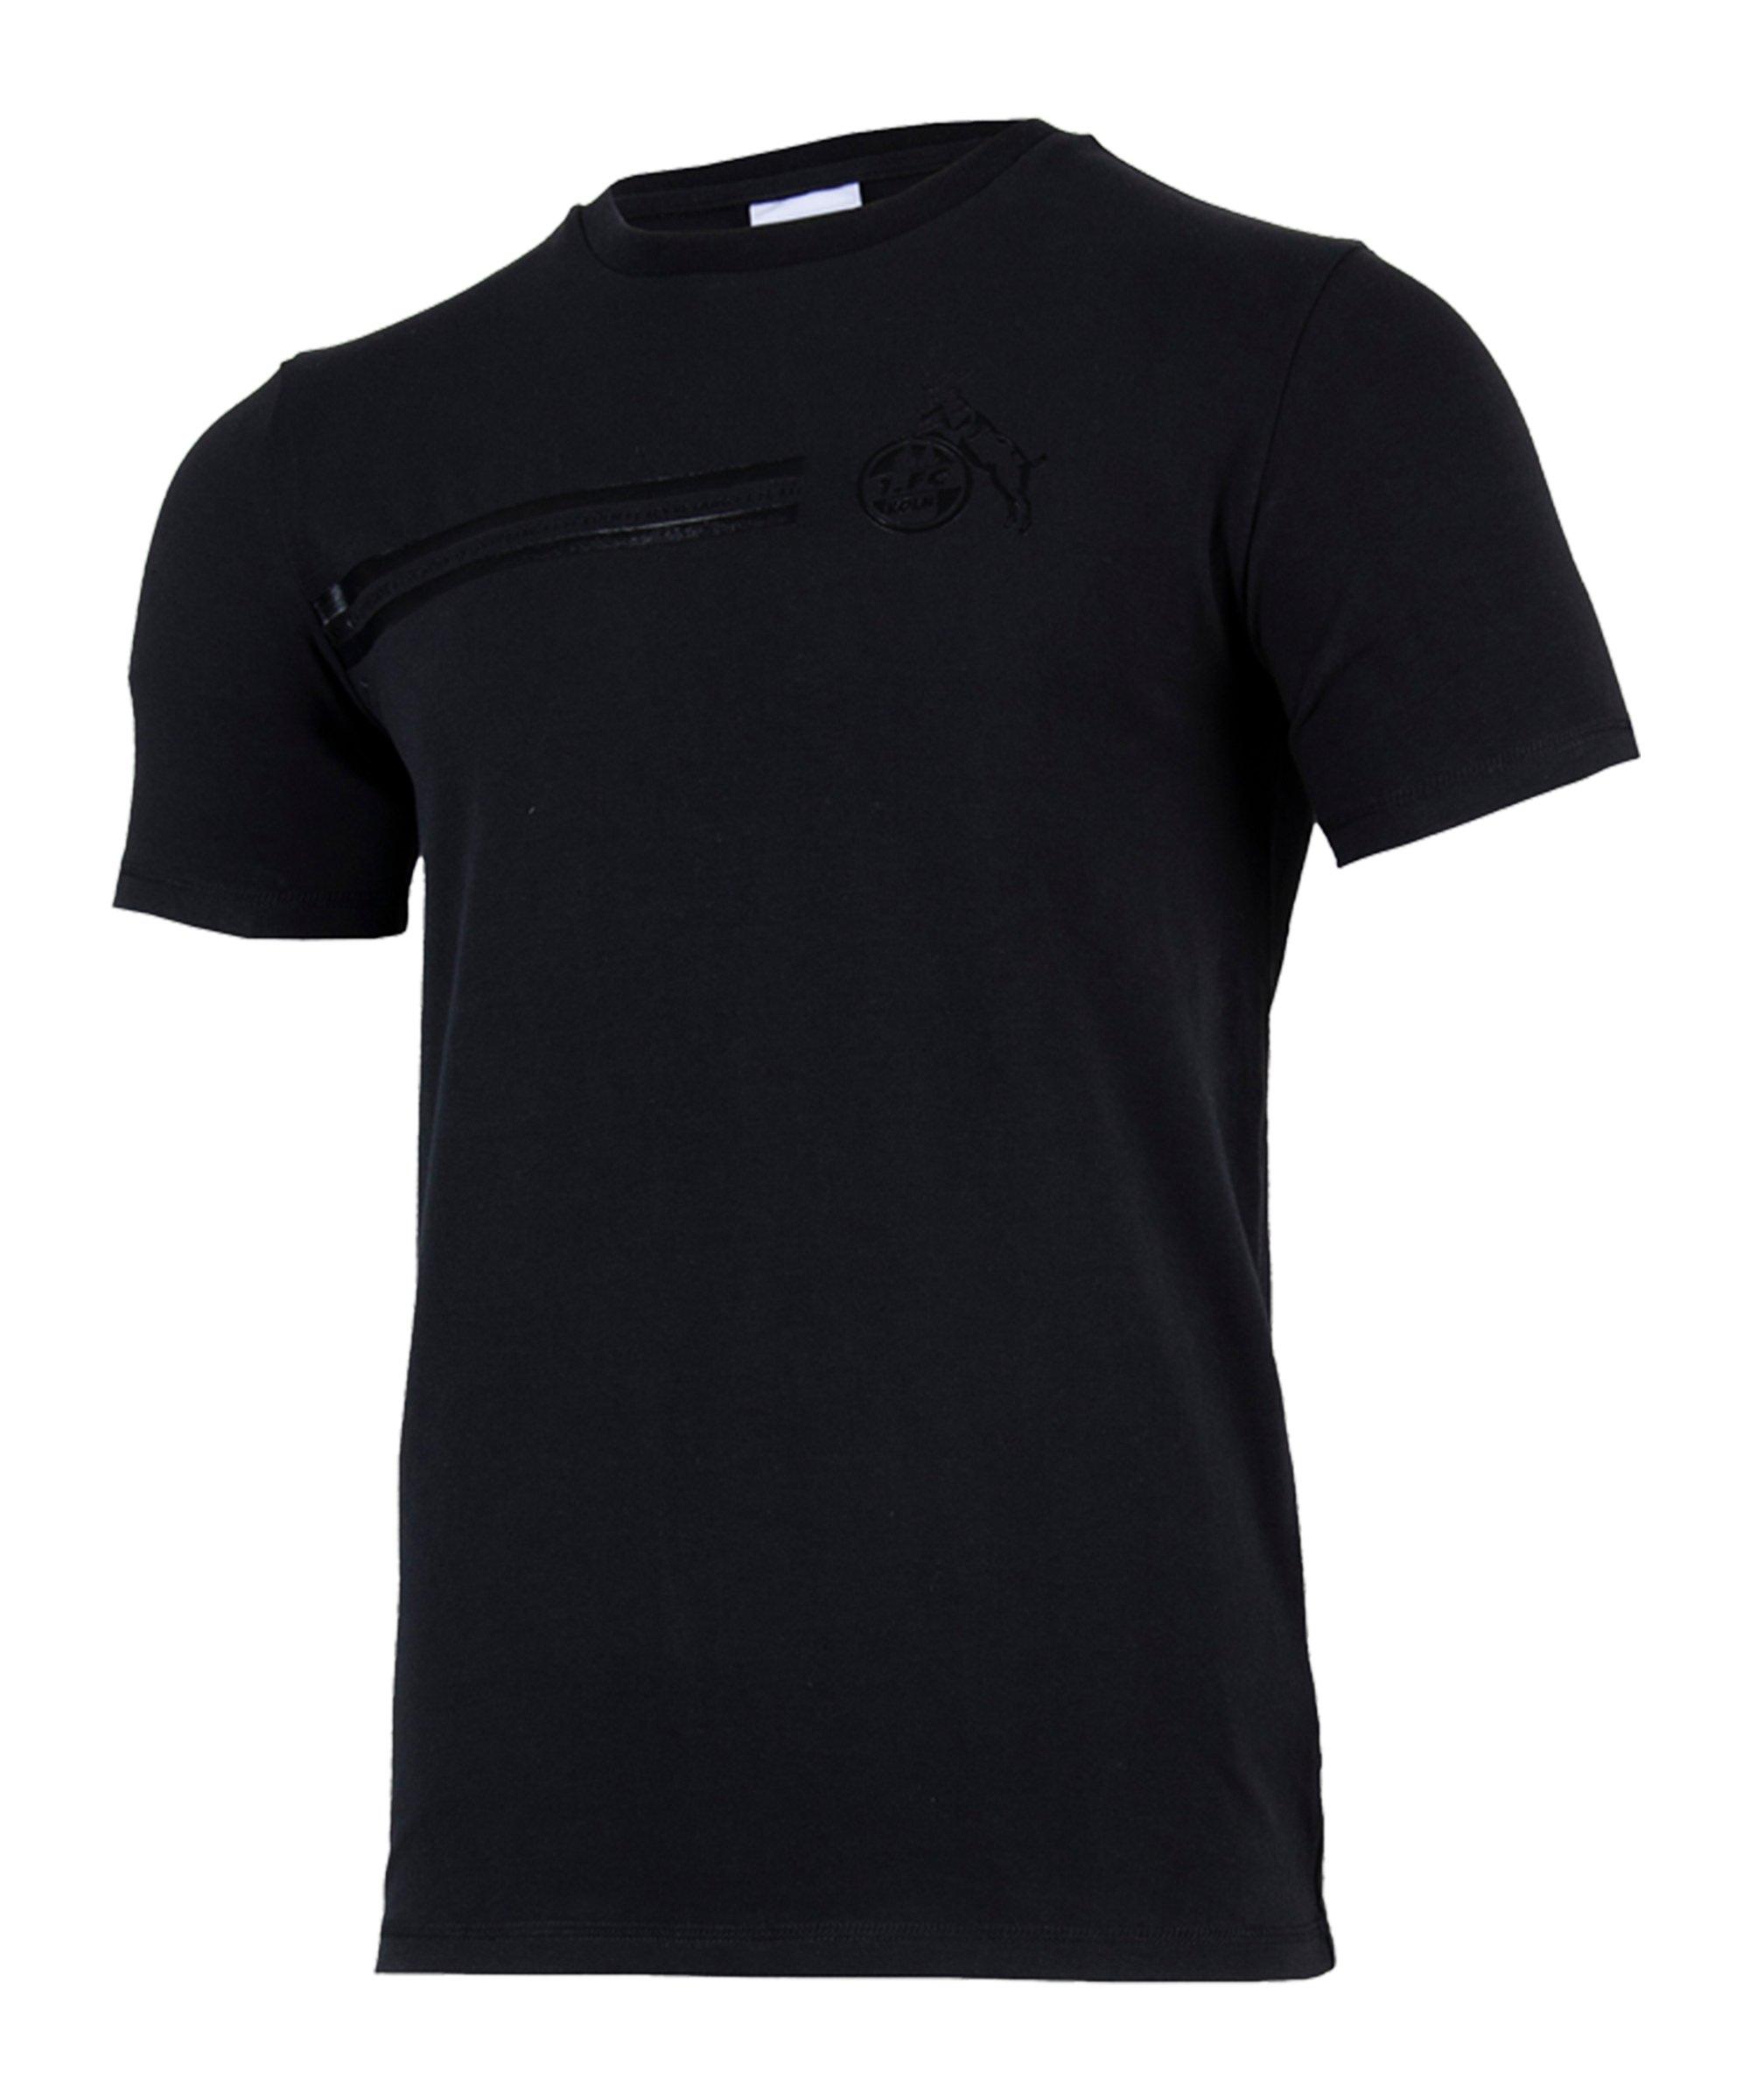 Uhlsport 1. FC Köln Blackline T-Shirt Schwarz - schwarz